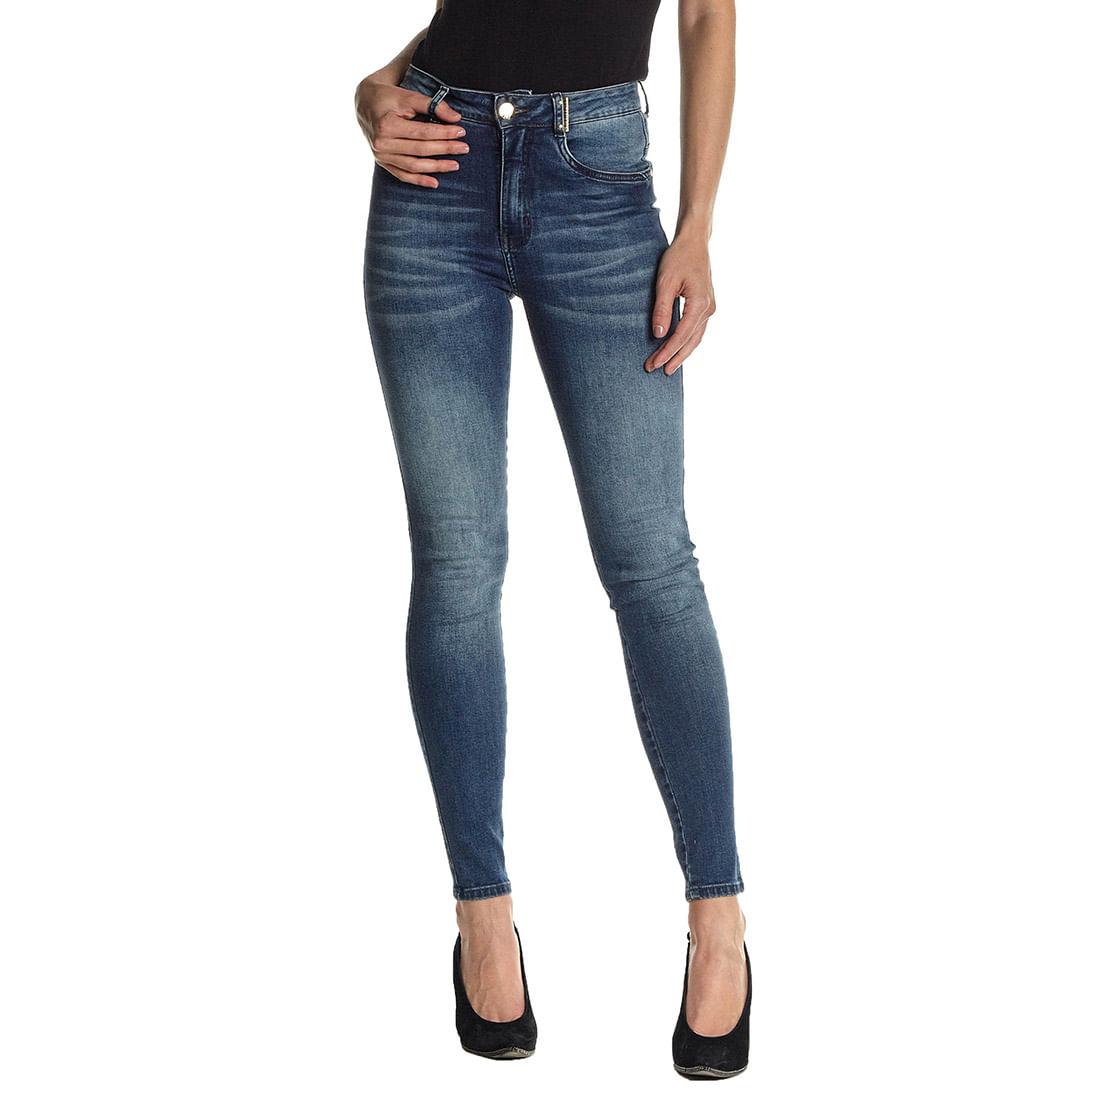 Calça Jeans Osmoze Hot Skinny 201124236 Azul